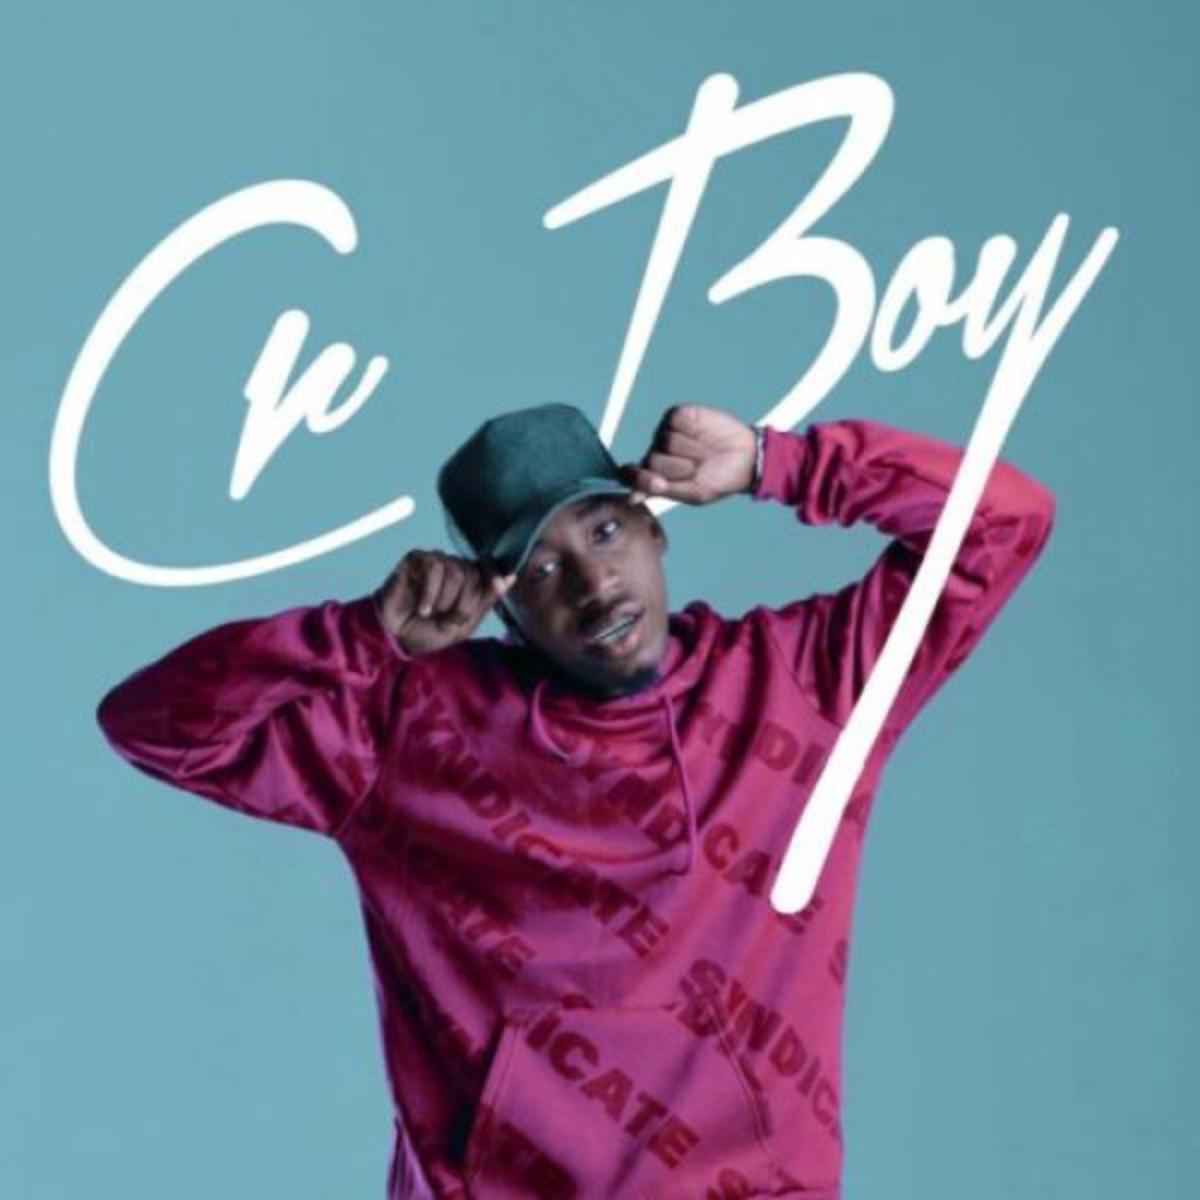 Cr Boy - Taxi (feat. Trap Boys)